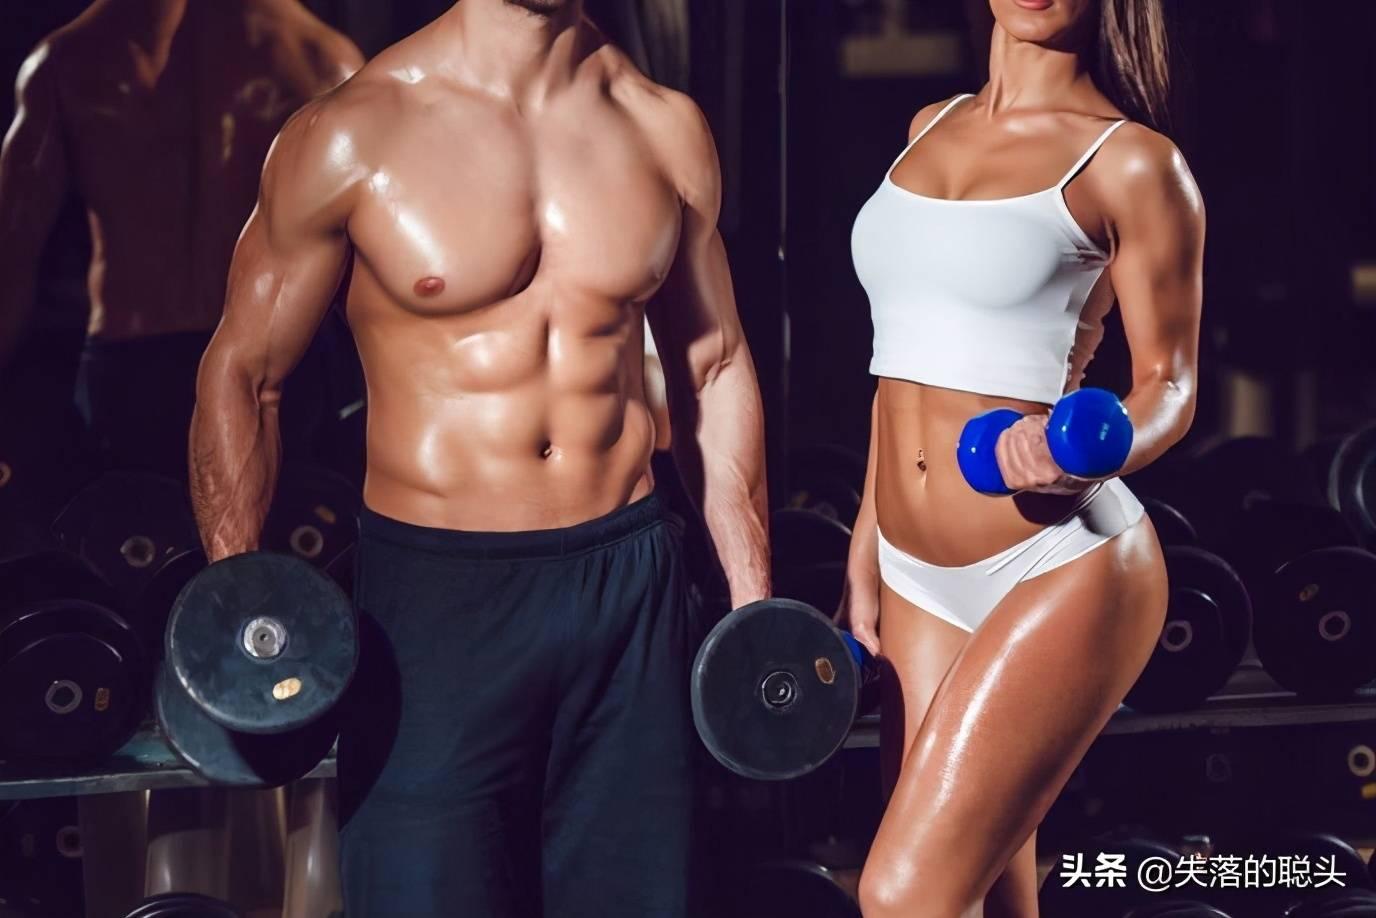 肌肉率高意味什么(你的肌肉率达标了吗)插图(1)